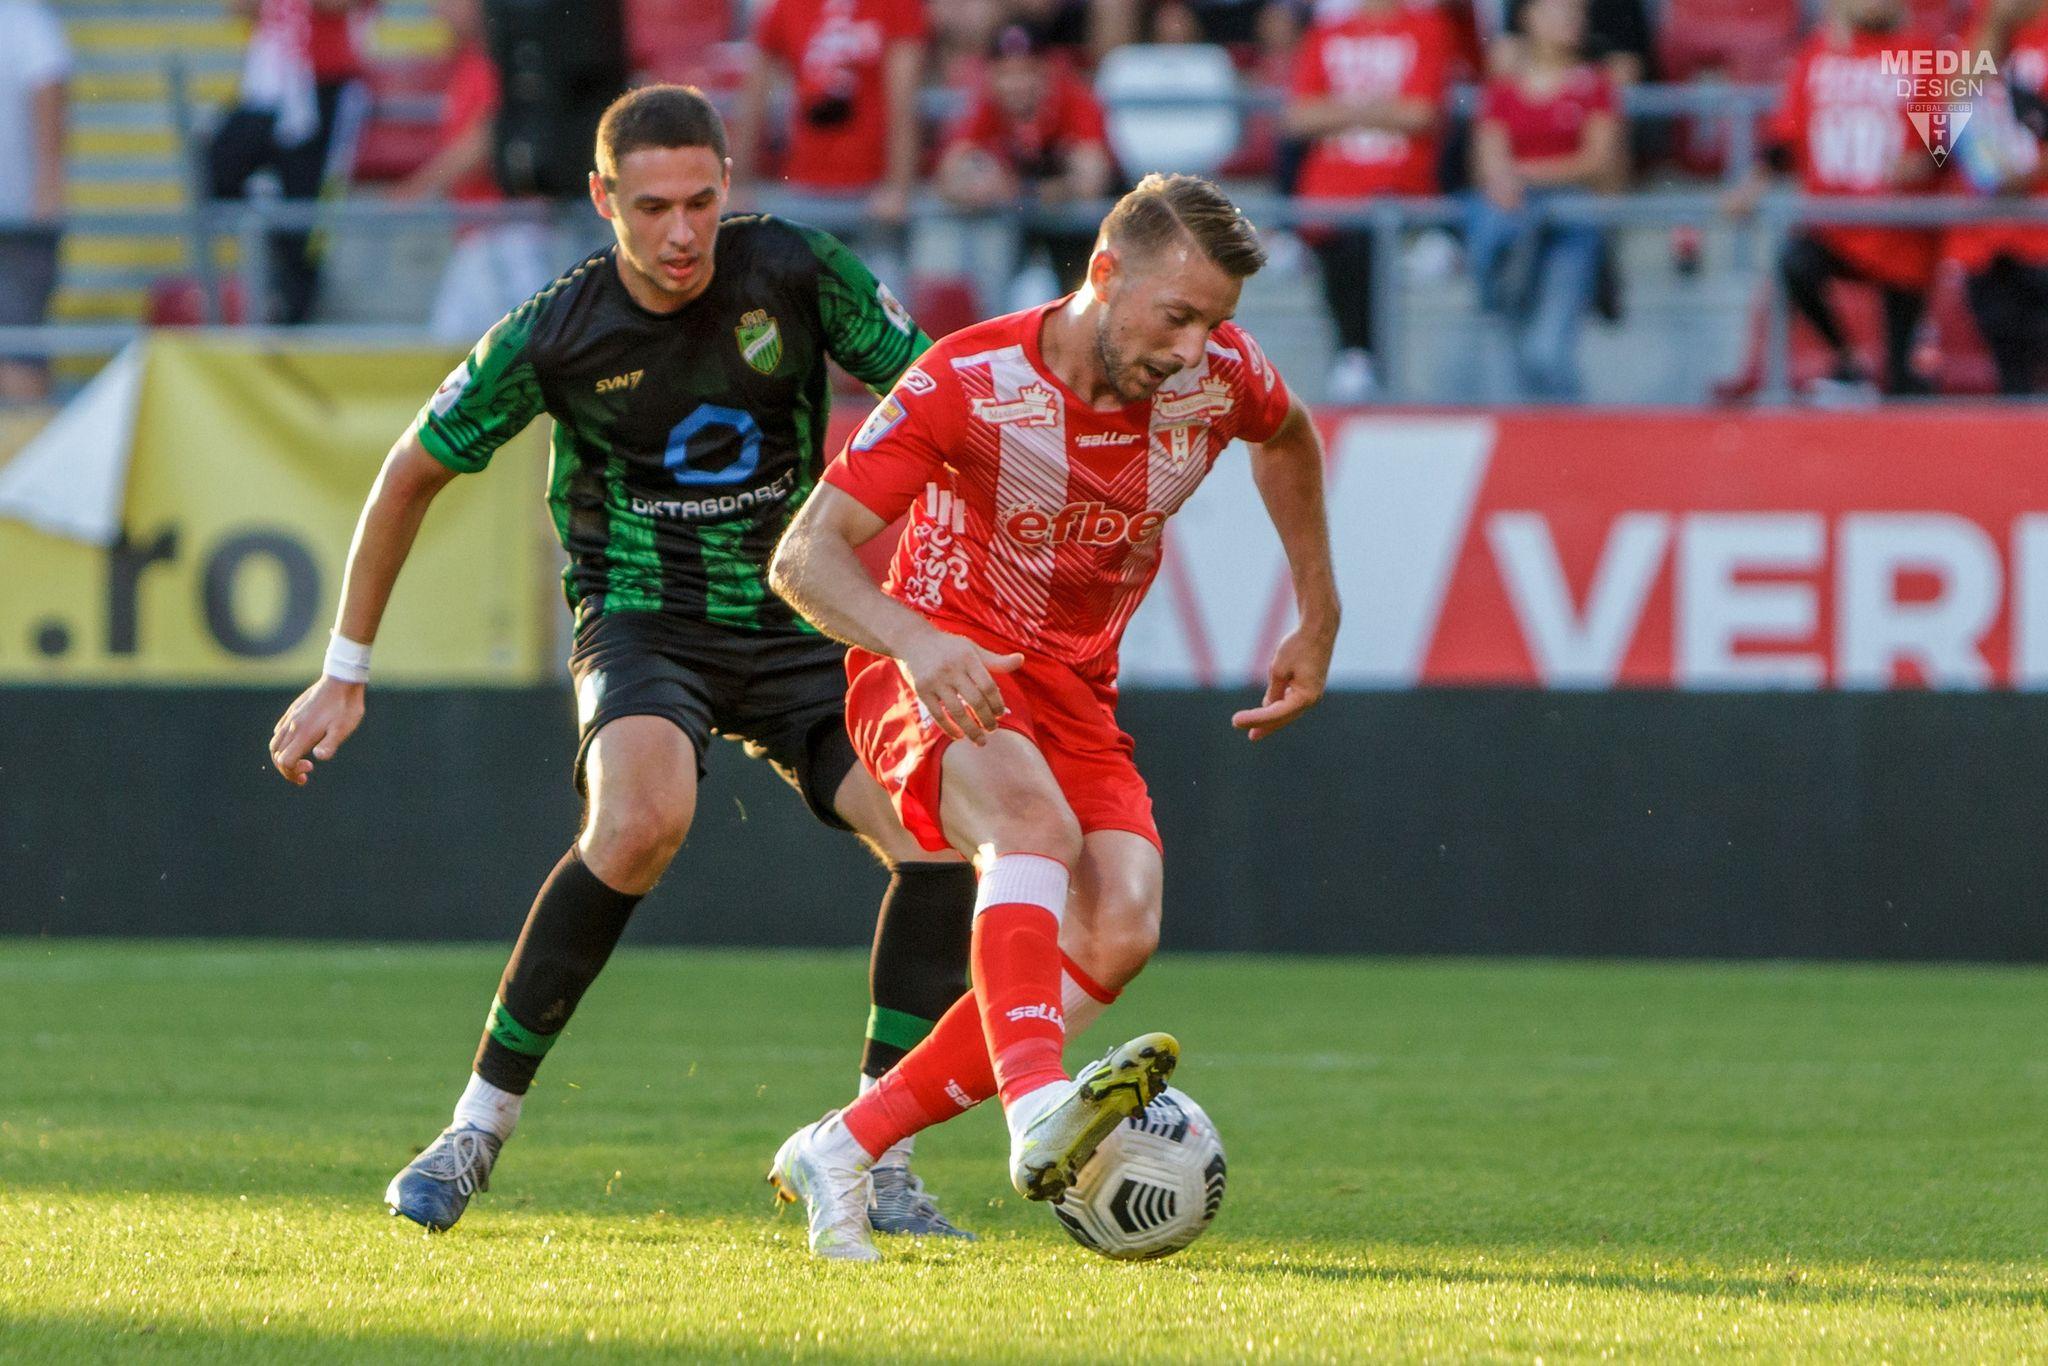 """Lui Antal nu i-a ieșit cu Kolubara, dar ia la țintă Rapidul: """"Important este că am făcut un antrenament bun și am avut ocazii, vrem să aducem puncte din următorul meci!"""""""